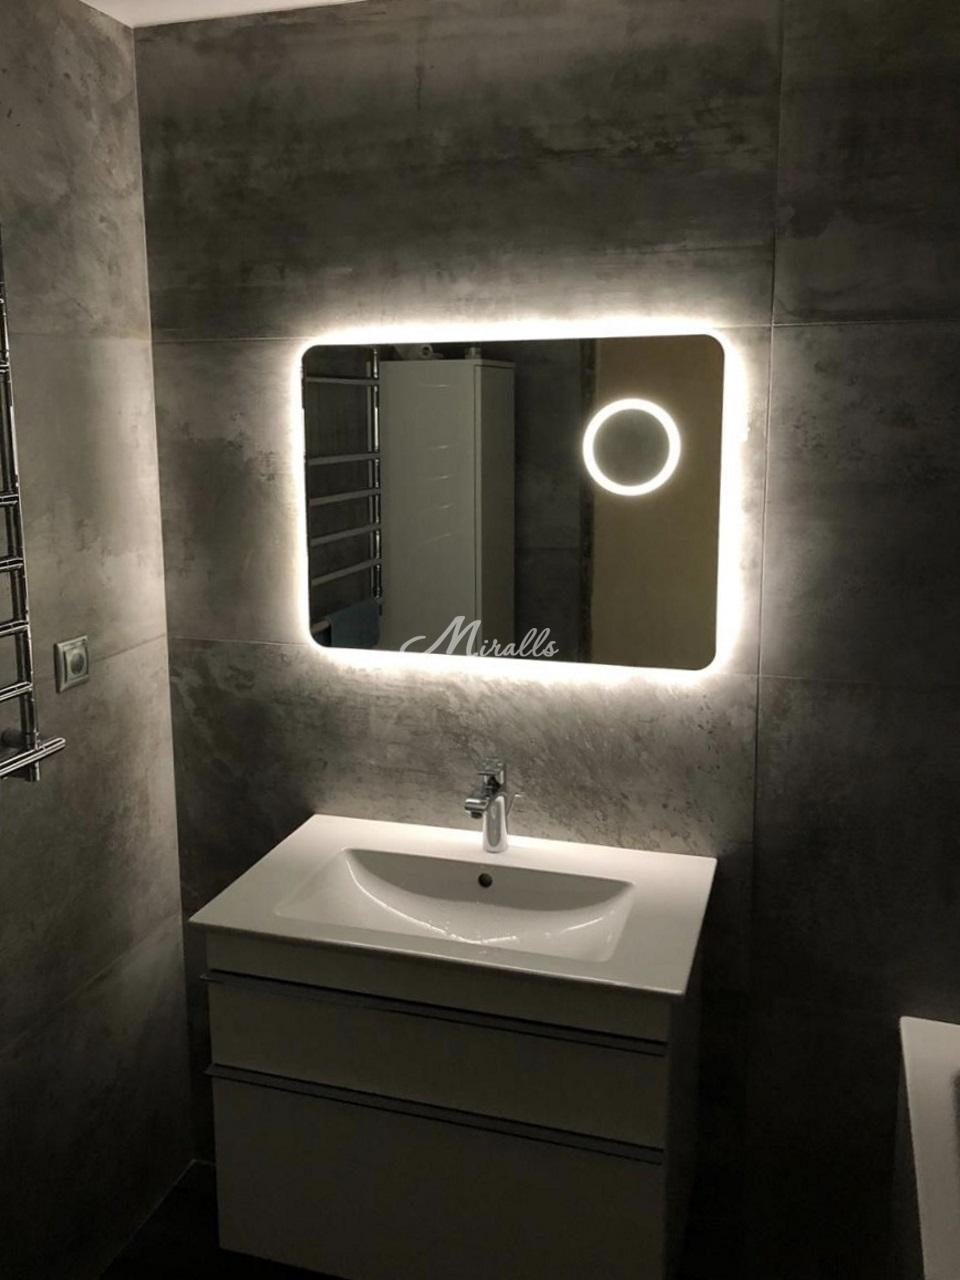 Зеркало XL с увеличительным зеркалом в частной квартире (ЖК Митино Парк)